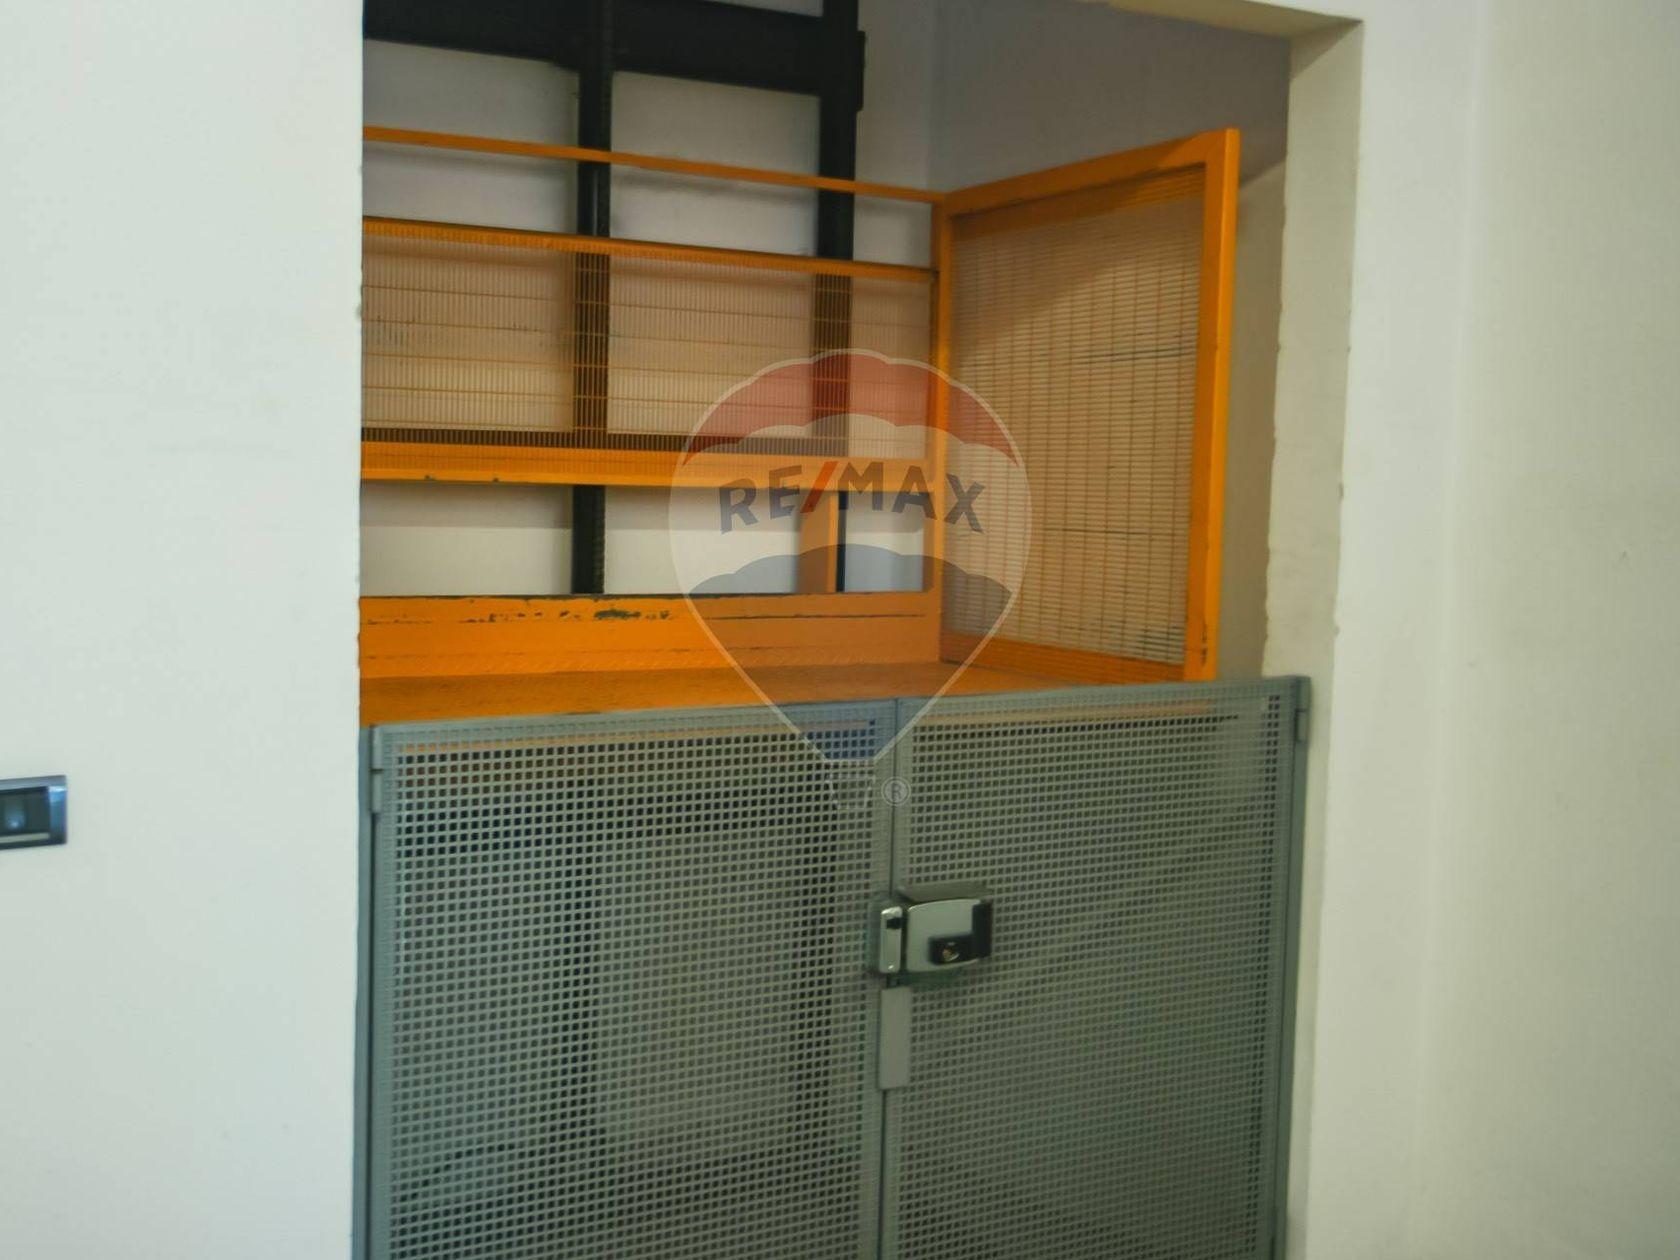 Ufficio Zona V.le Lombardia, Cologno Monzese, MI Vendita - Foto 15